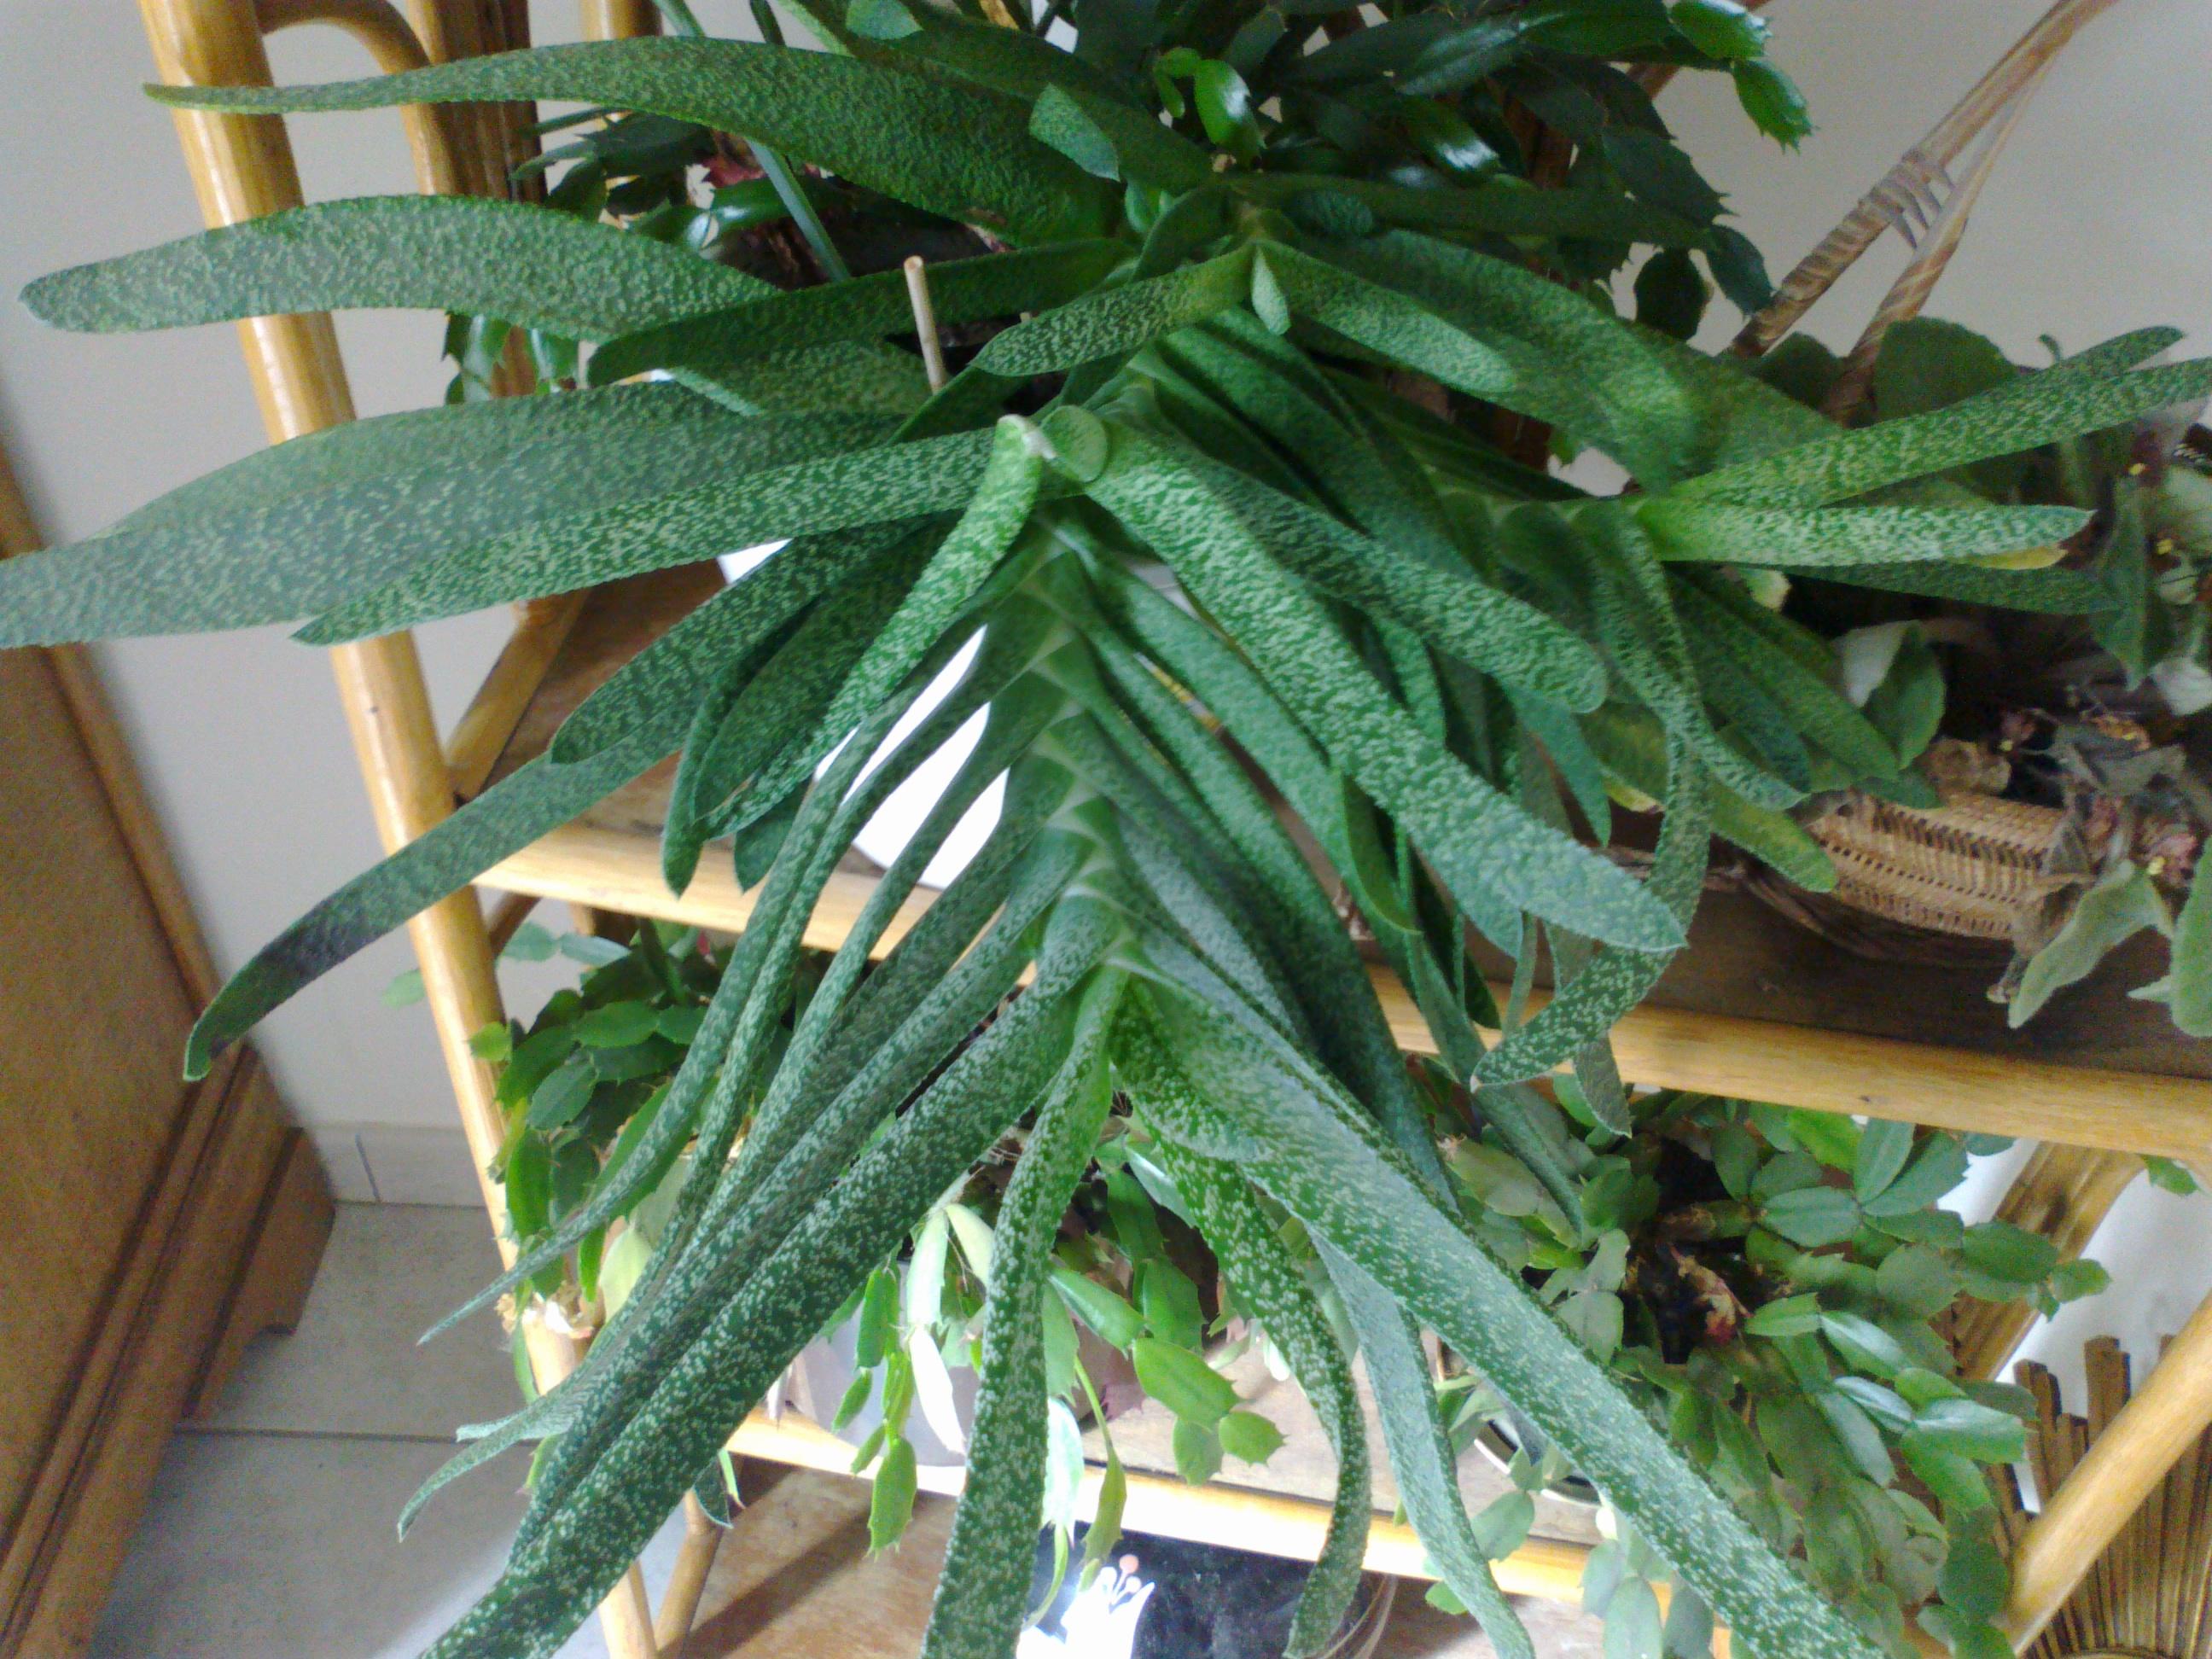 Inconnues identifiées [Gasteria bicolor var bicolor] & [Gasteria carinata var. verrucosa] 55112003032013292